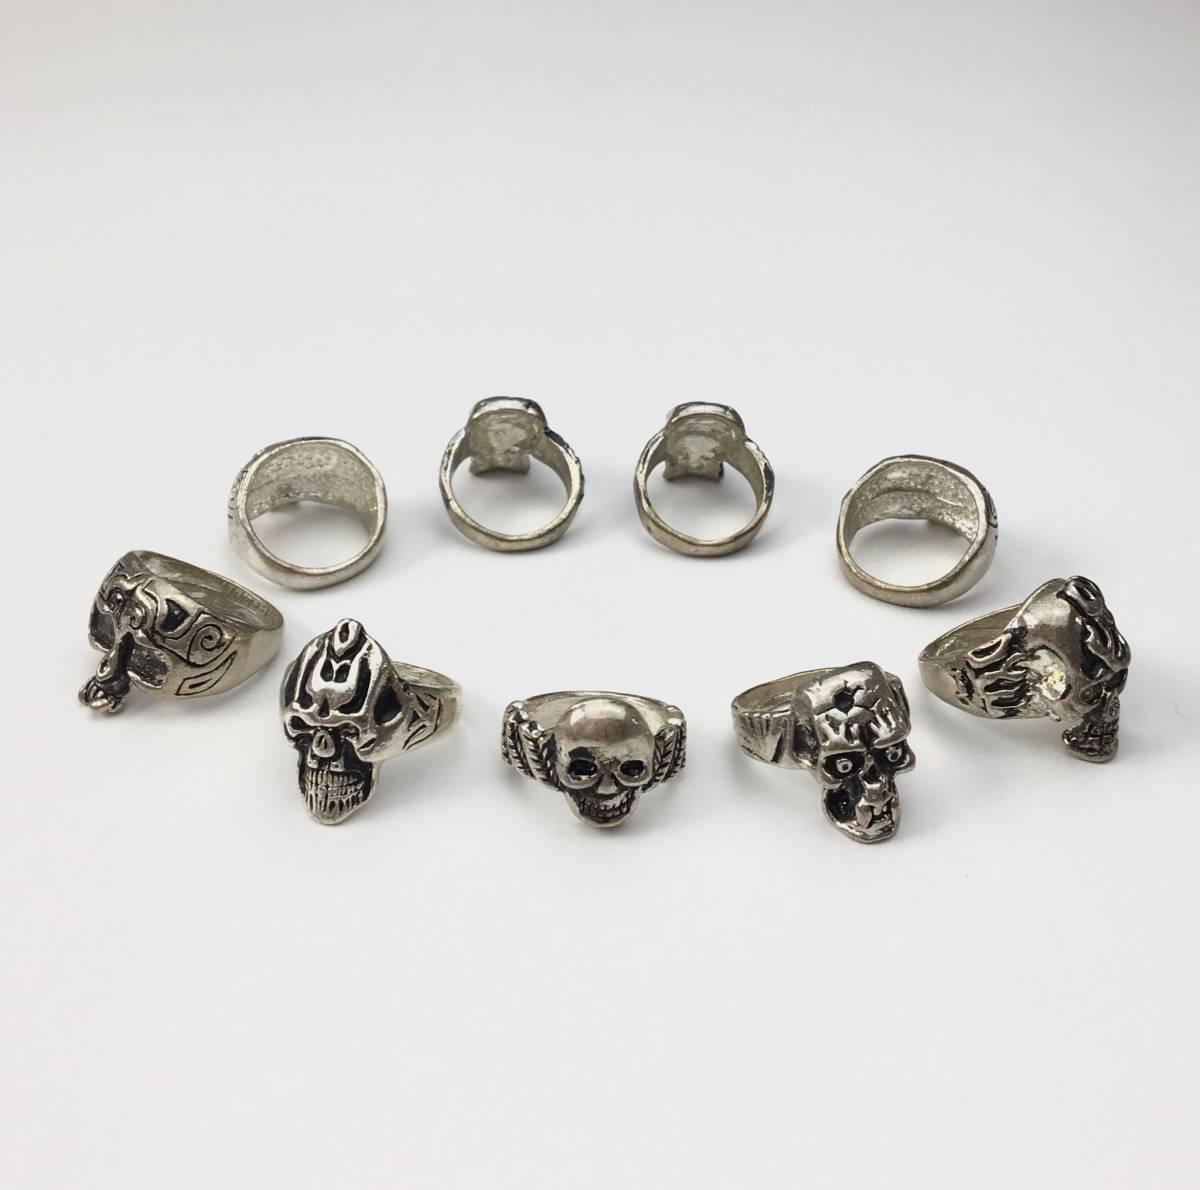 スカル リング 指輪 髑髏 ドクロ 骸骨 ガイコツ SKULL シルバーアクセサリー アンティーク アメリカ USA 雑貨 ヴィンテージ vintage 6_他のスカルリングも出品中です。